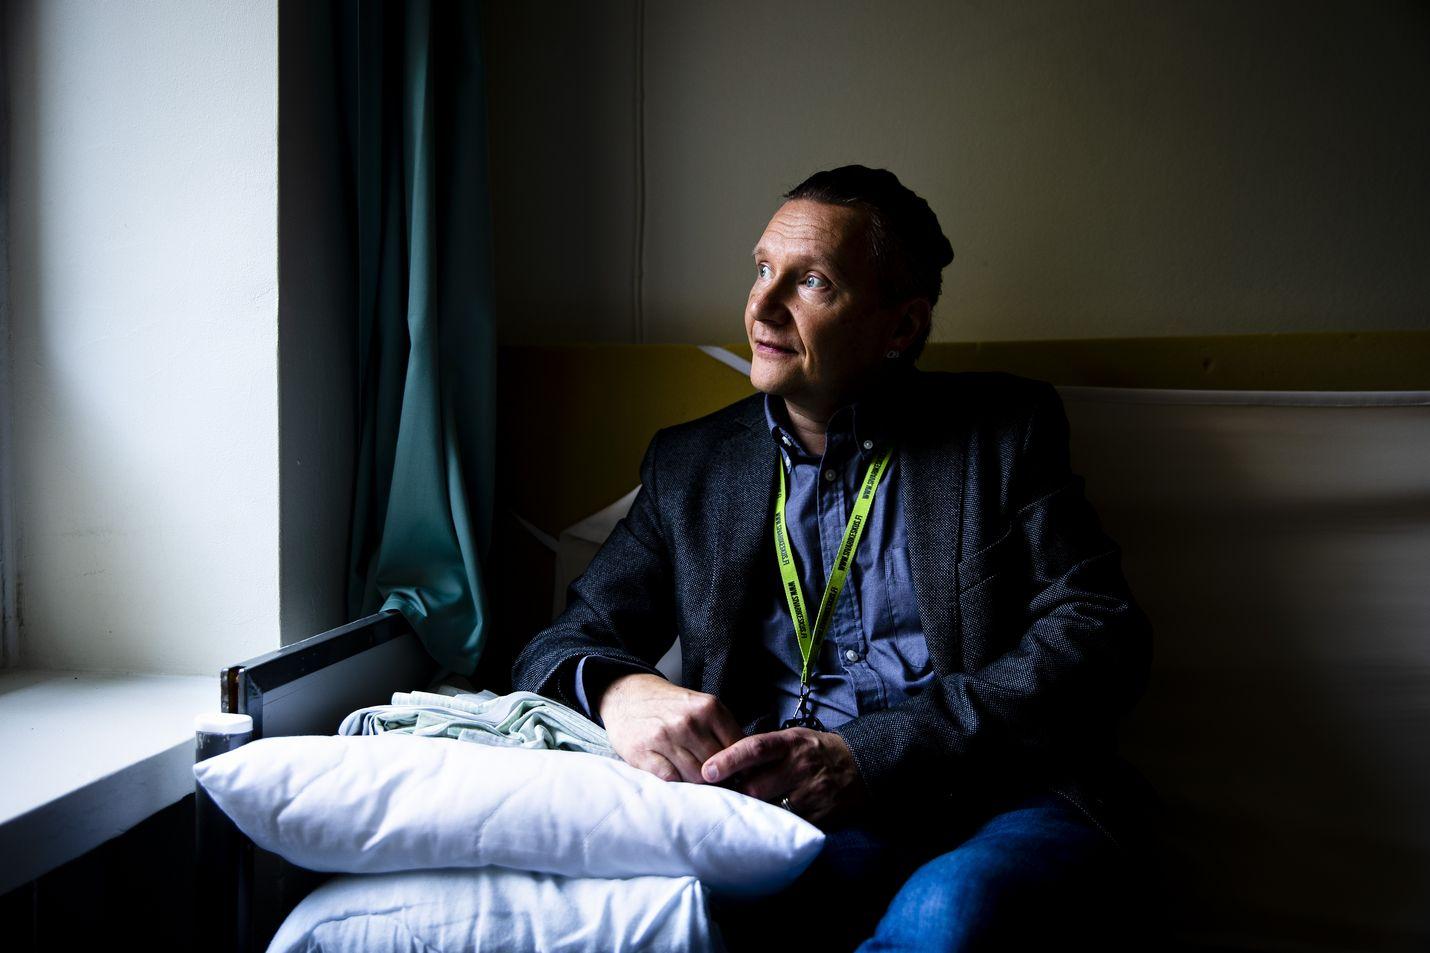 Mikko Reijosen mukaan sivariksi tulevat ovat entistä enemmän tulevaisuussuuntautuneita. Yhteiskunnassa sivareita on näkyvillä paikoilla.